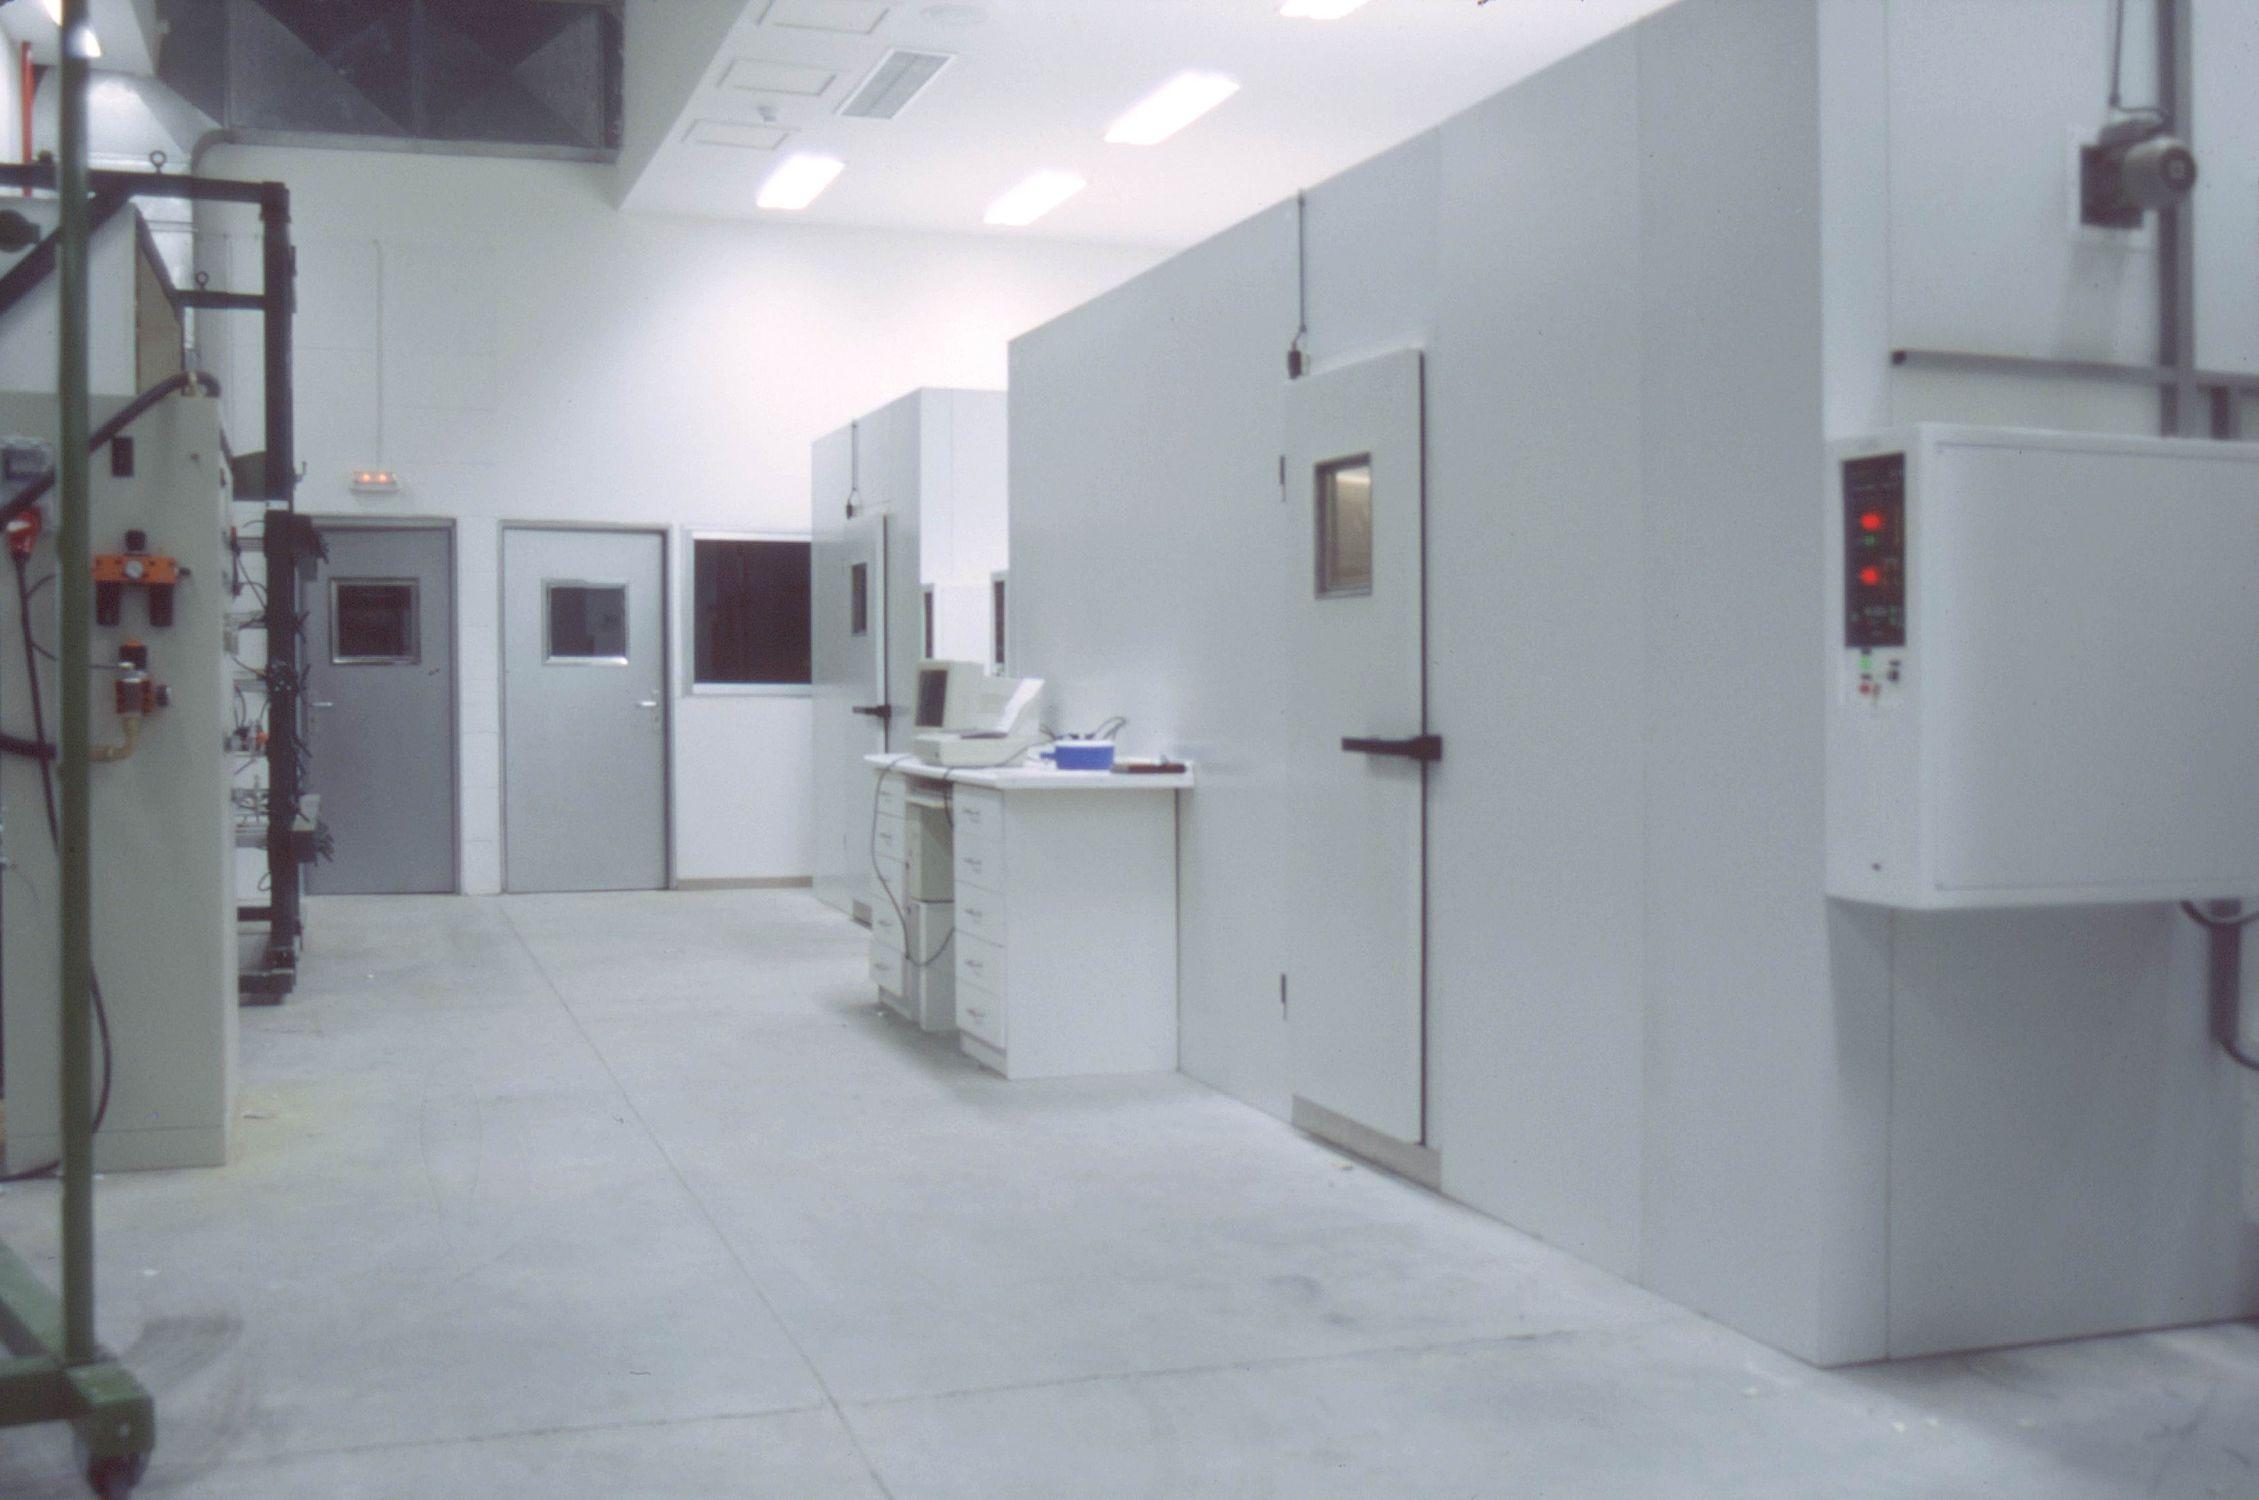 Chambre froide négative: la chambre réfrigérée négative